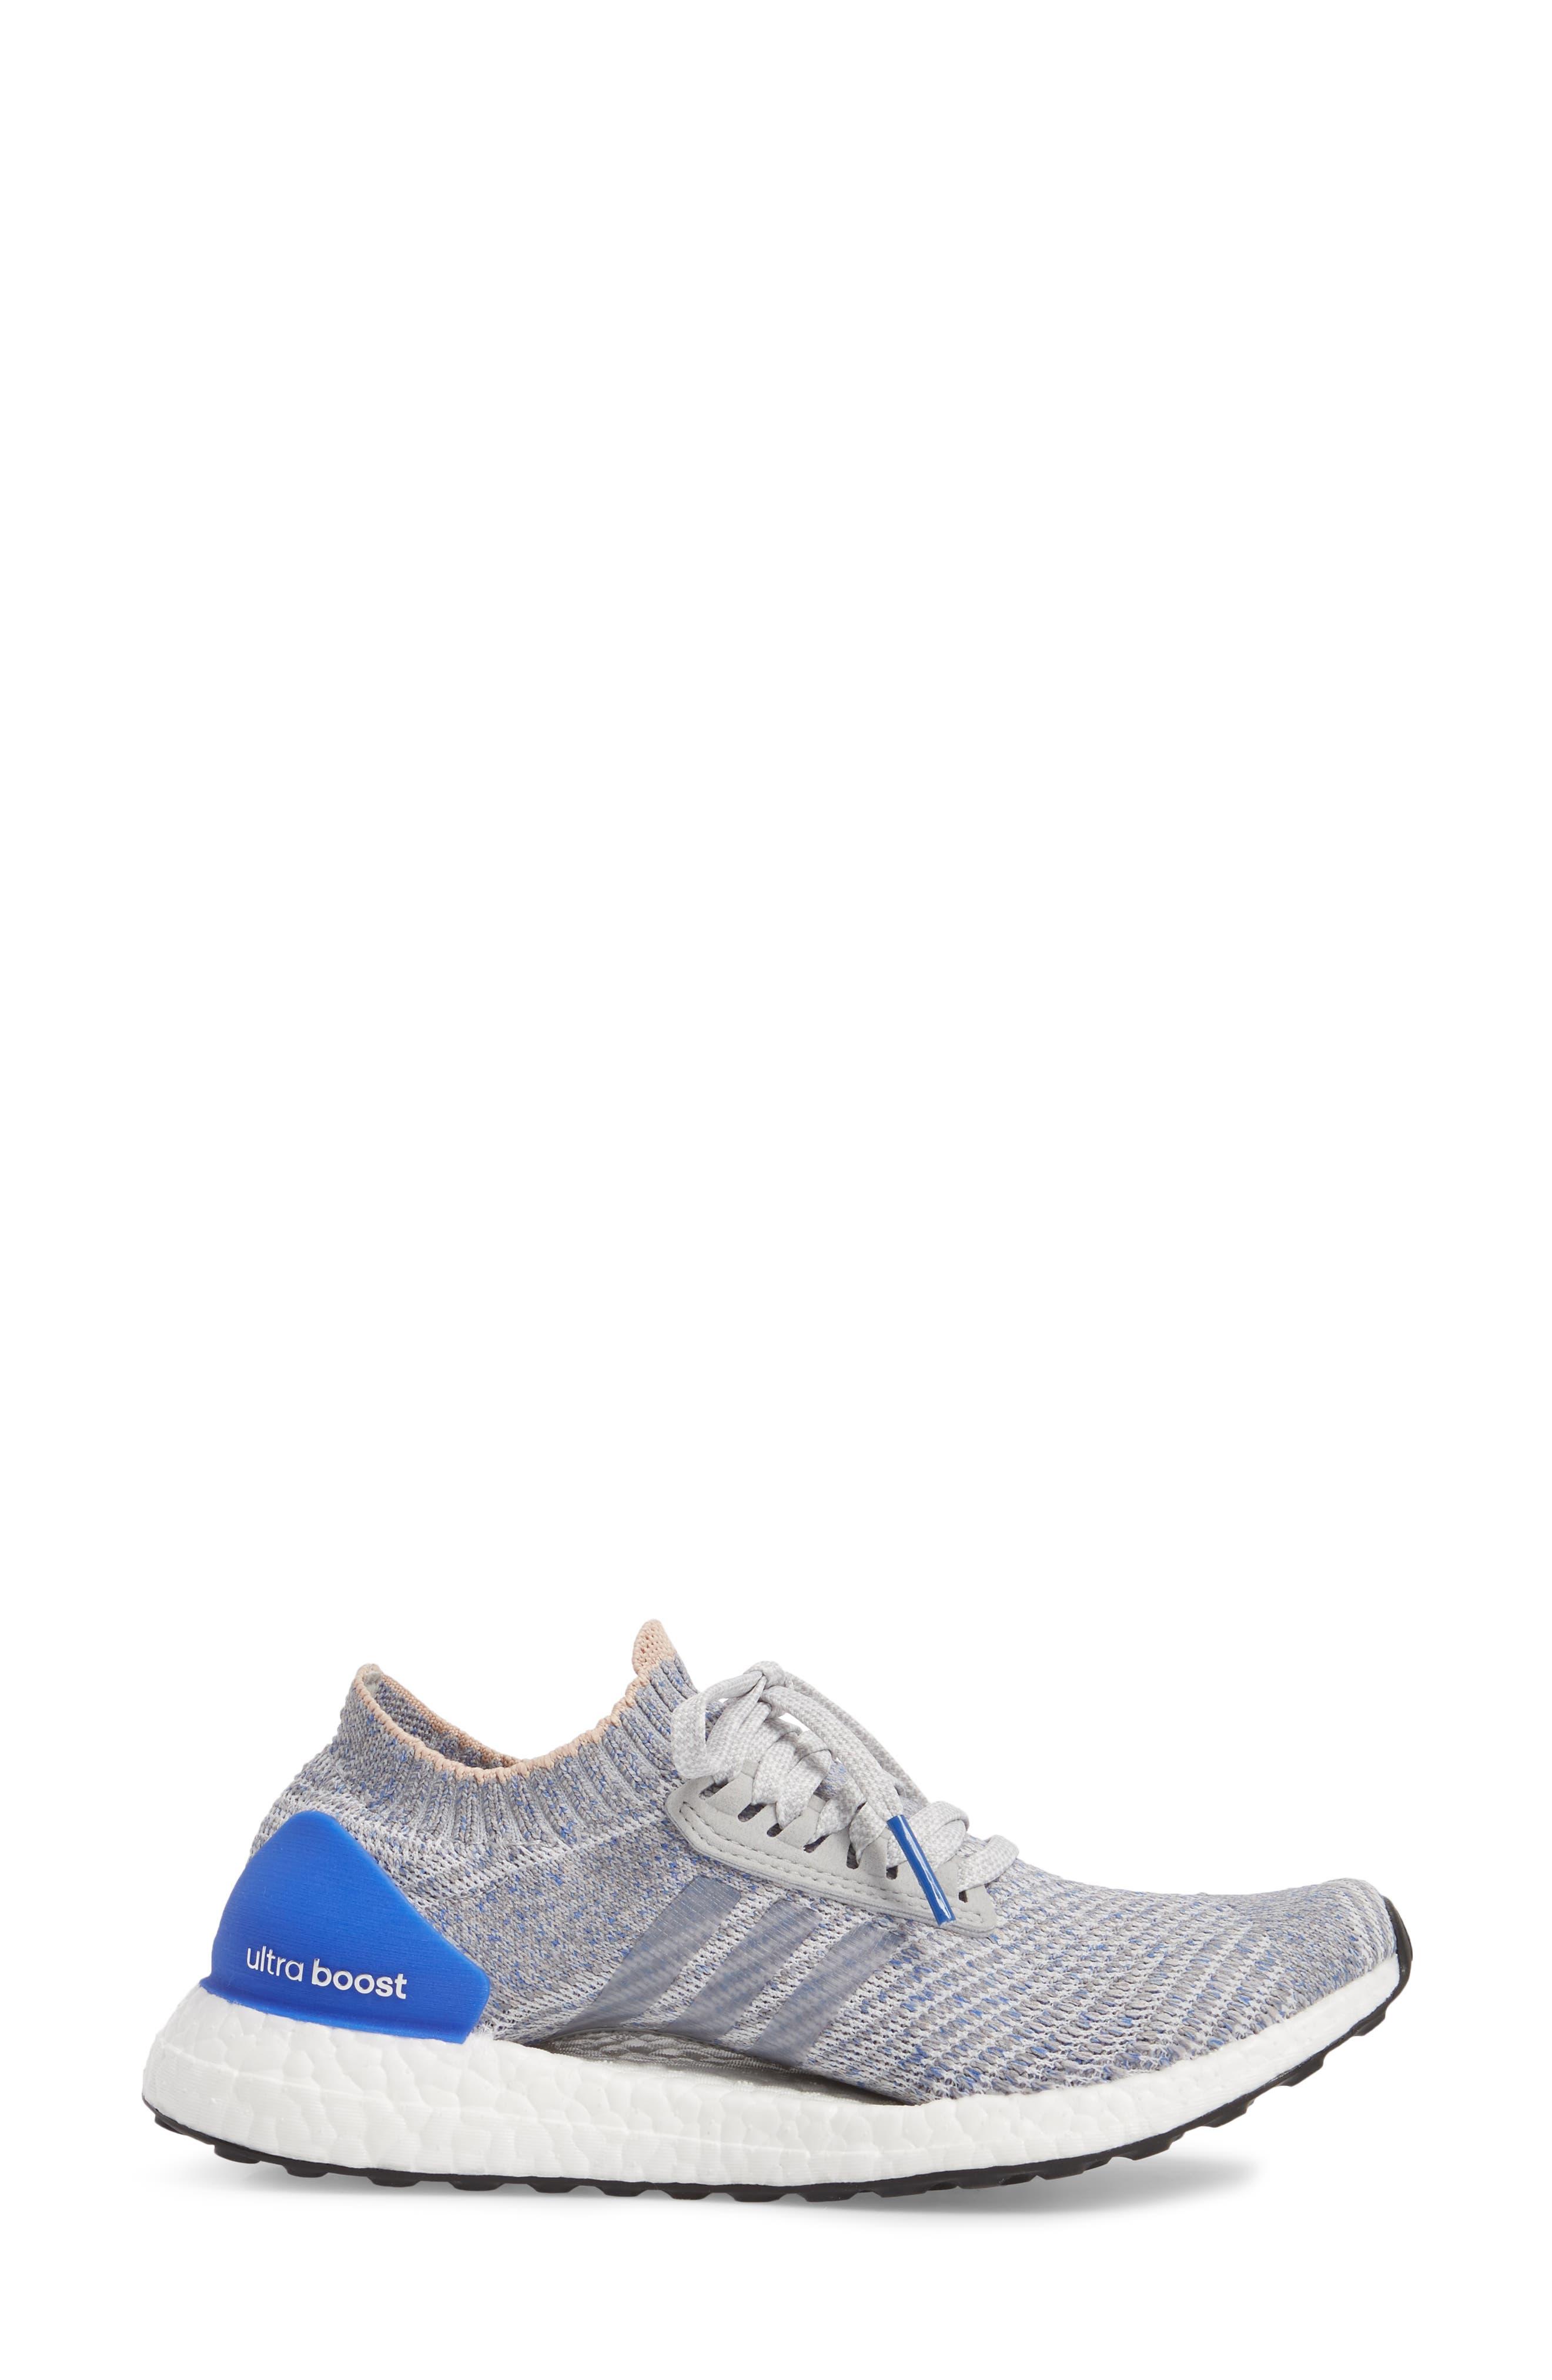 Alternate Image 3  - adidas UltraBoost X Sneaker (Women)